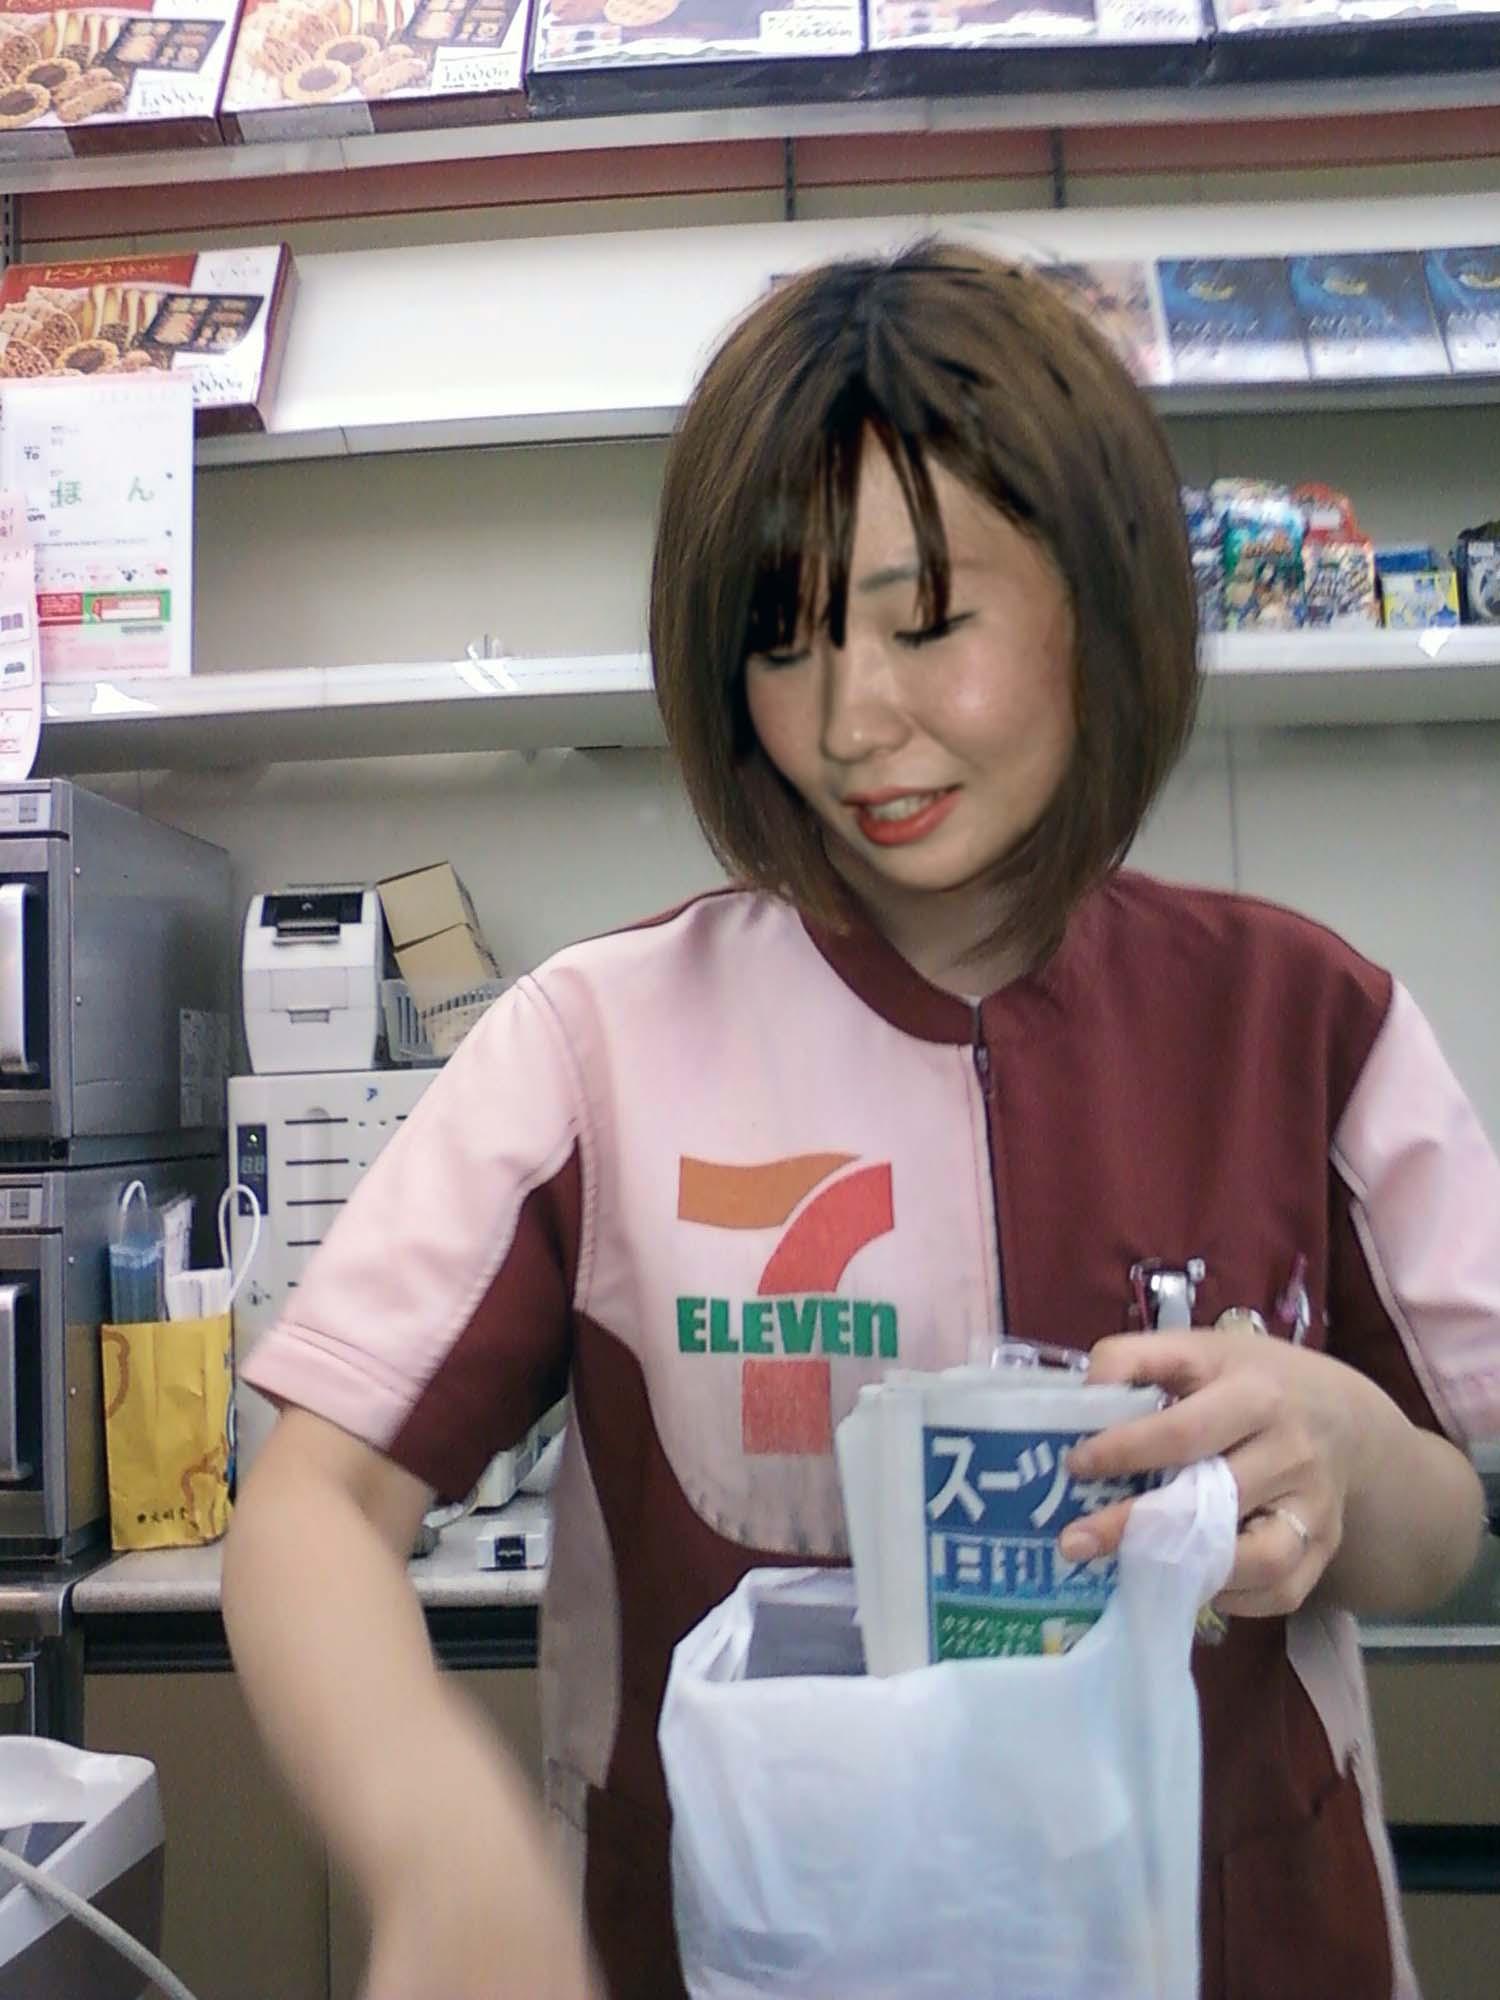 お店の制服@熟女板 2店舗目->画像>12枚